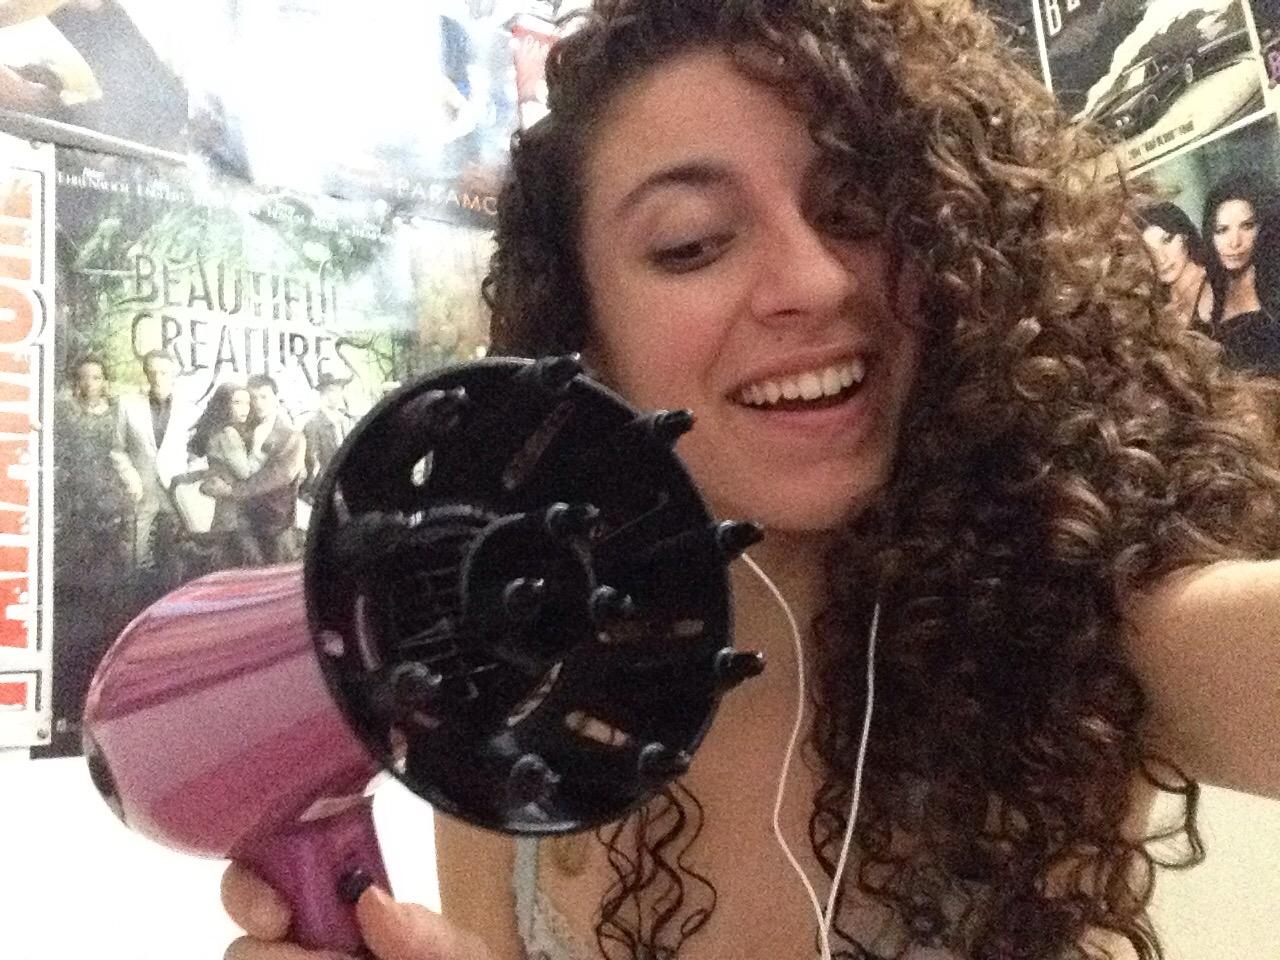 Secando o cabelo com difusor: Volumão - Rotina 25/11/2015